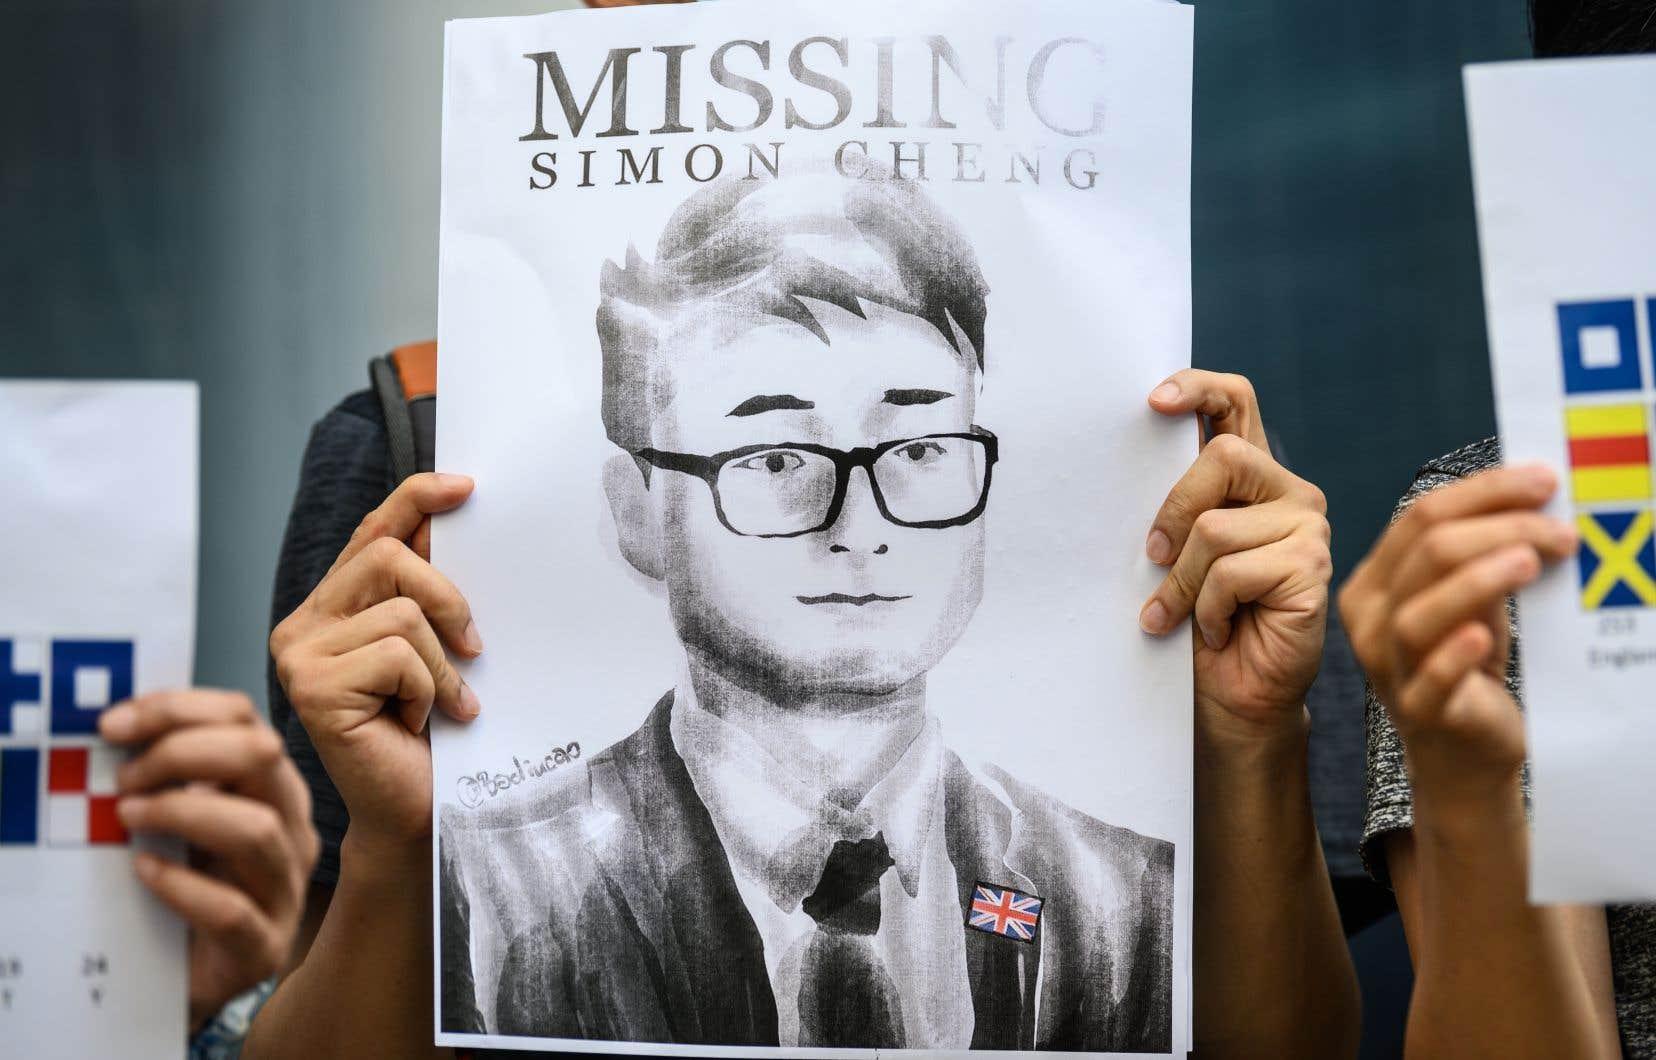 <p>Simon Cheng avait disparu le 8août après s'être rendu à Shenzhen, une ville frontalière de Hong Kong, territoire autonome du sud de la Chine en proie à cinq mois de manifestations.</p>